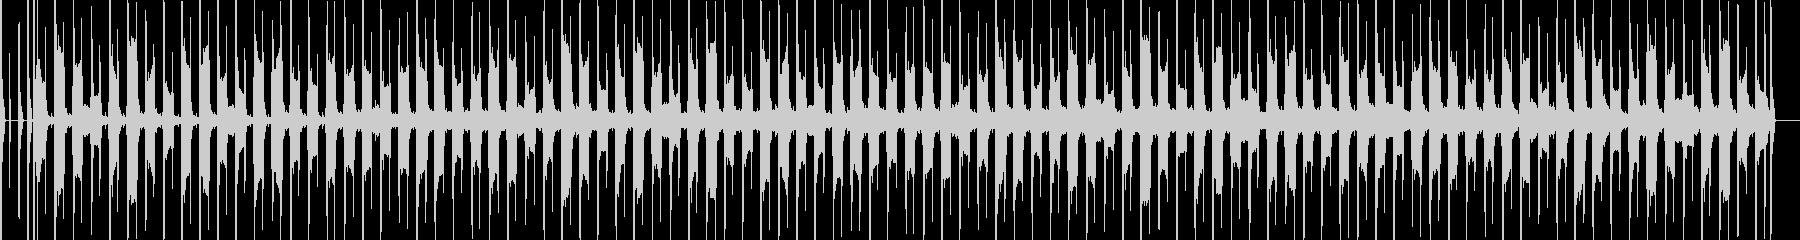 ベース演奏、落ち着くBGMの未再生の波形